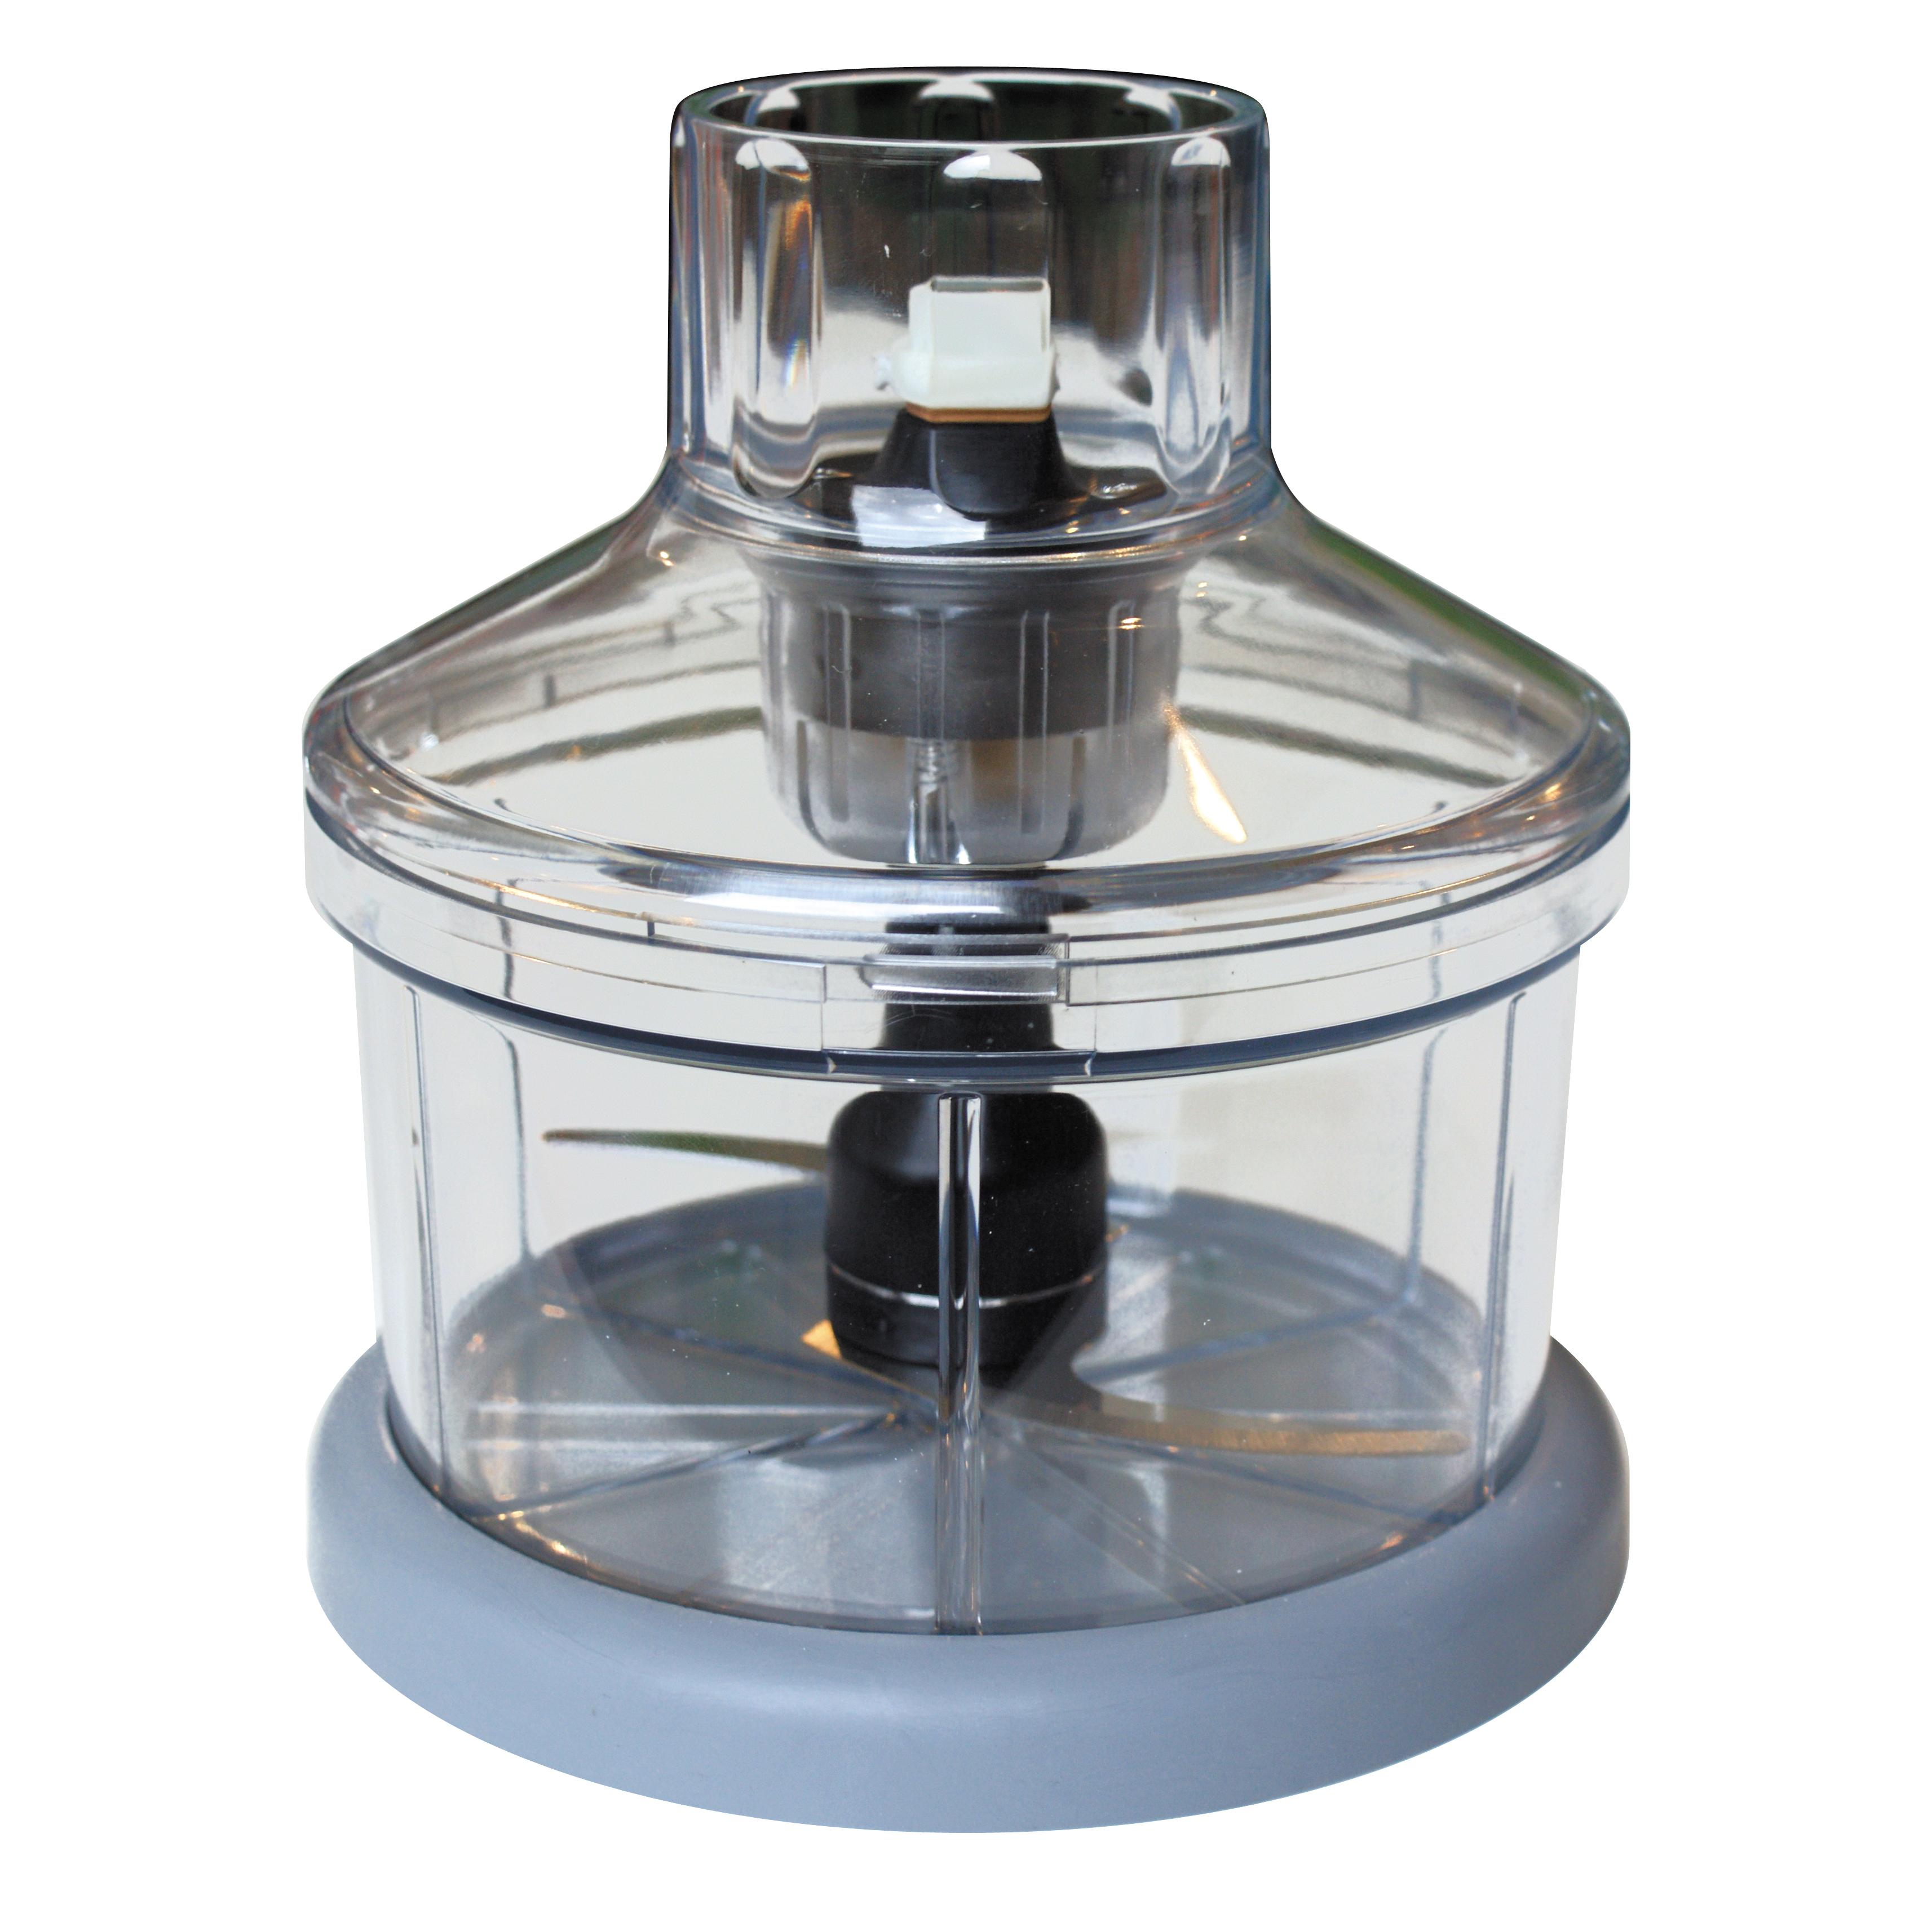 Dynamic USA AC104 mixer bowl